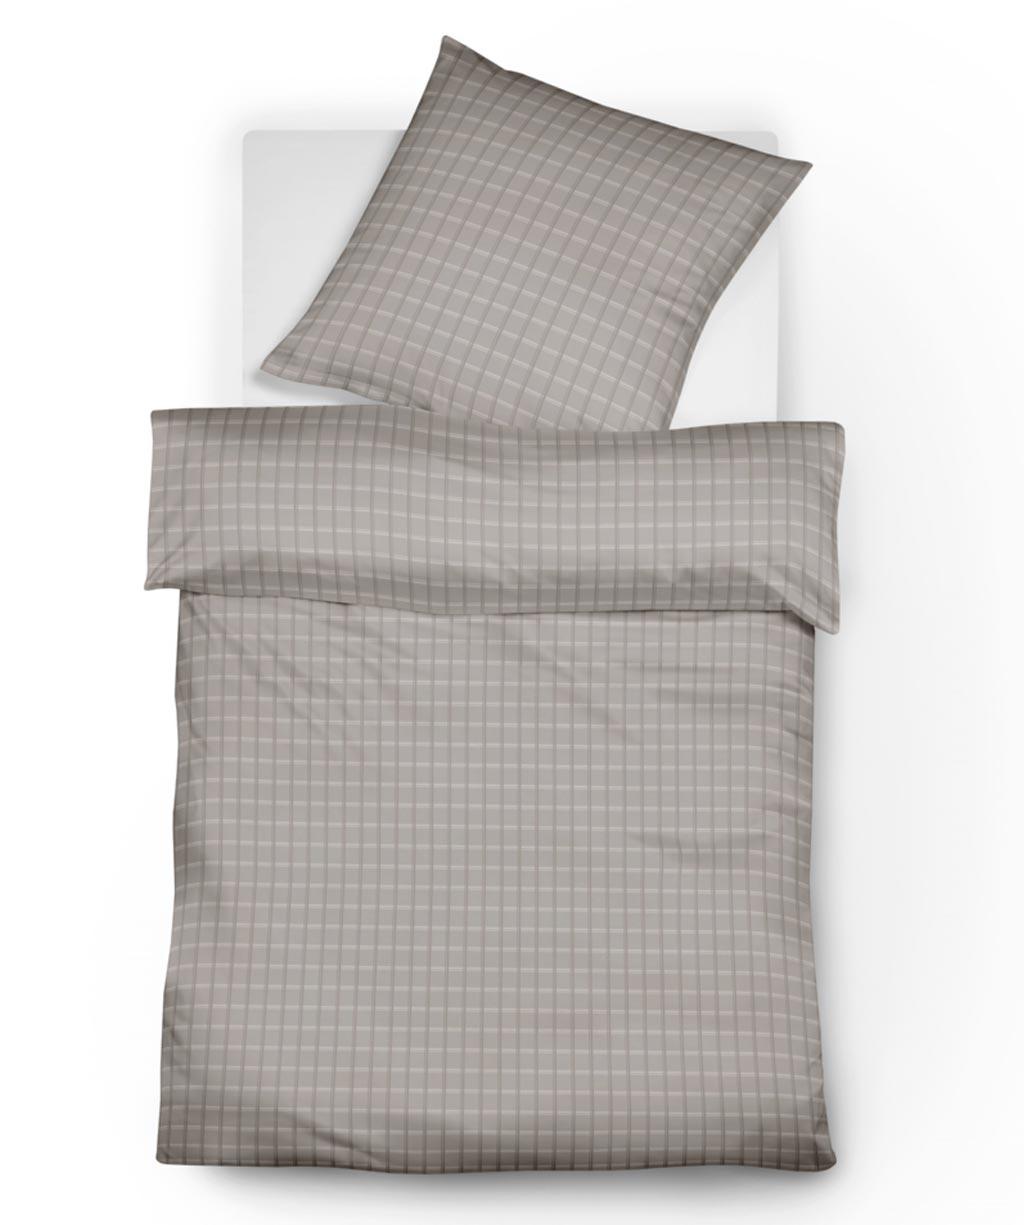 Leichte Kinderbettwäsche aus edlem Batist mit Reißverschluss